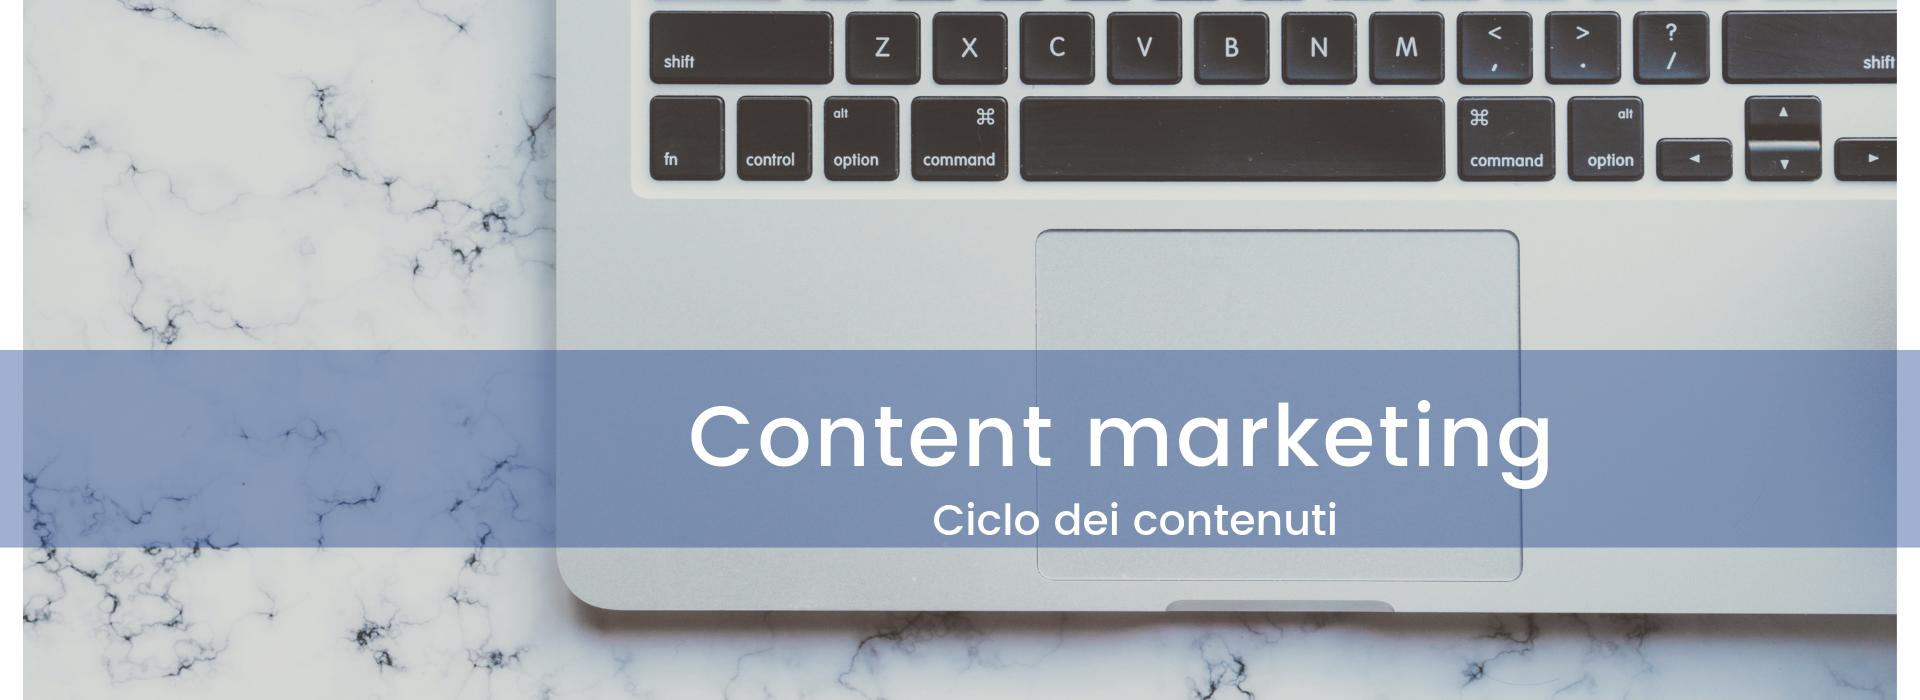 content marketing ciclo dei contenuti